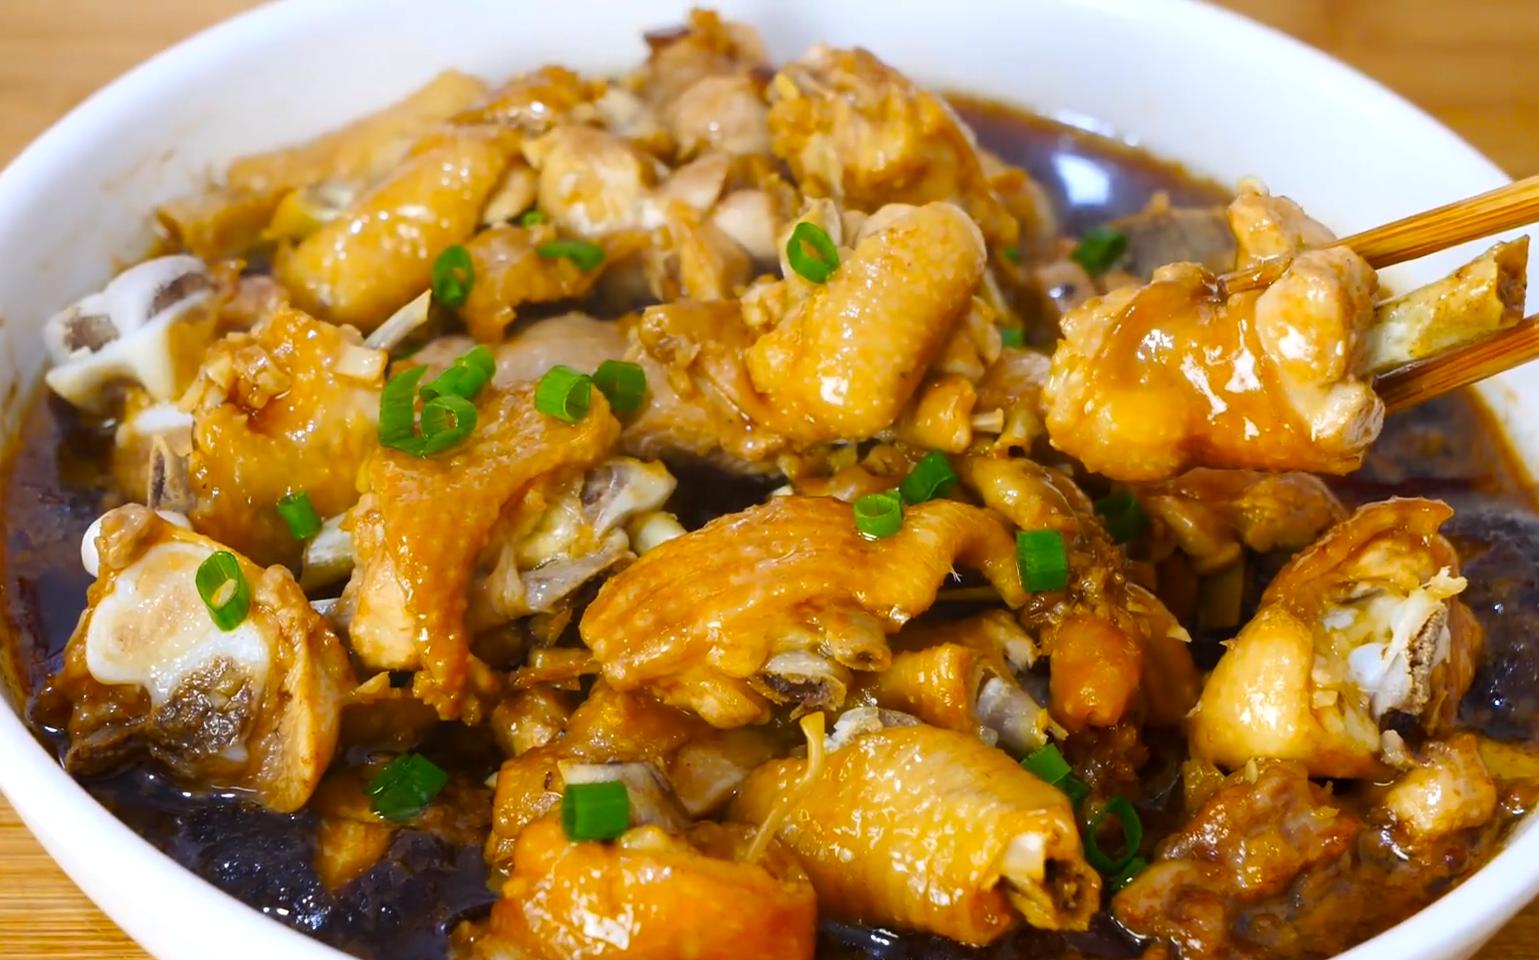 雞肉最好吃的做法,不炒不燉不油炸,營養不流水,一出鍋都搶著吃